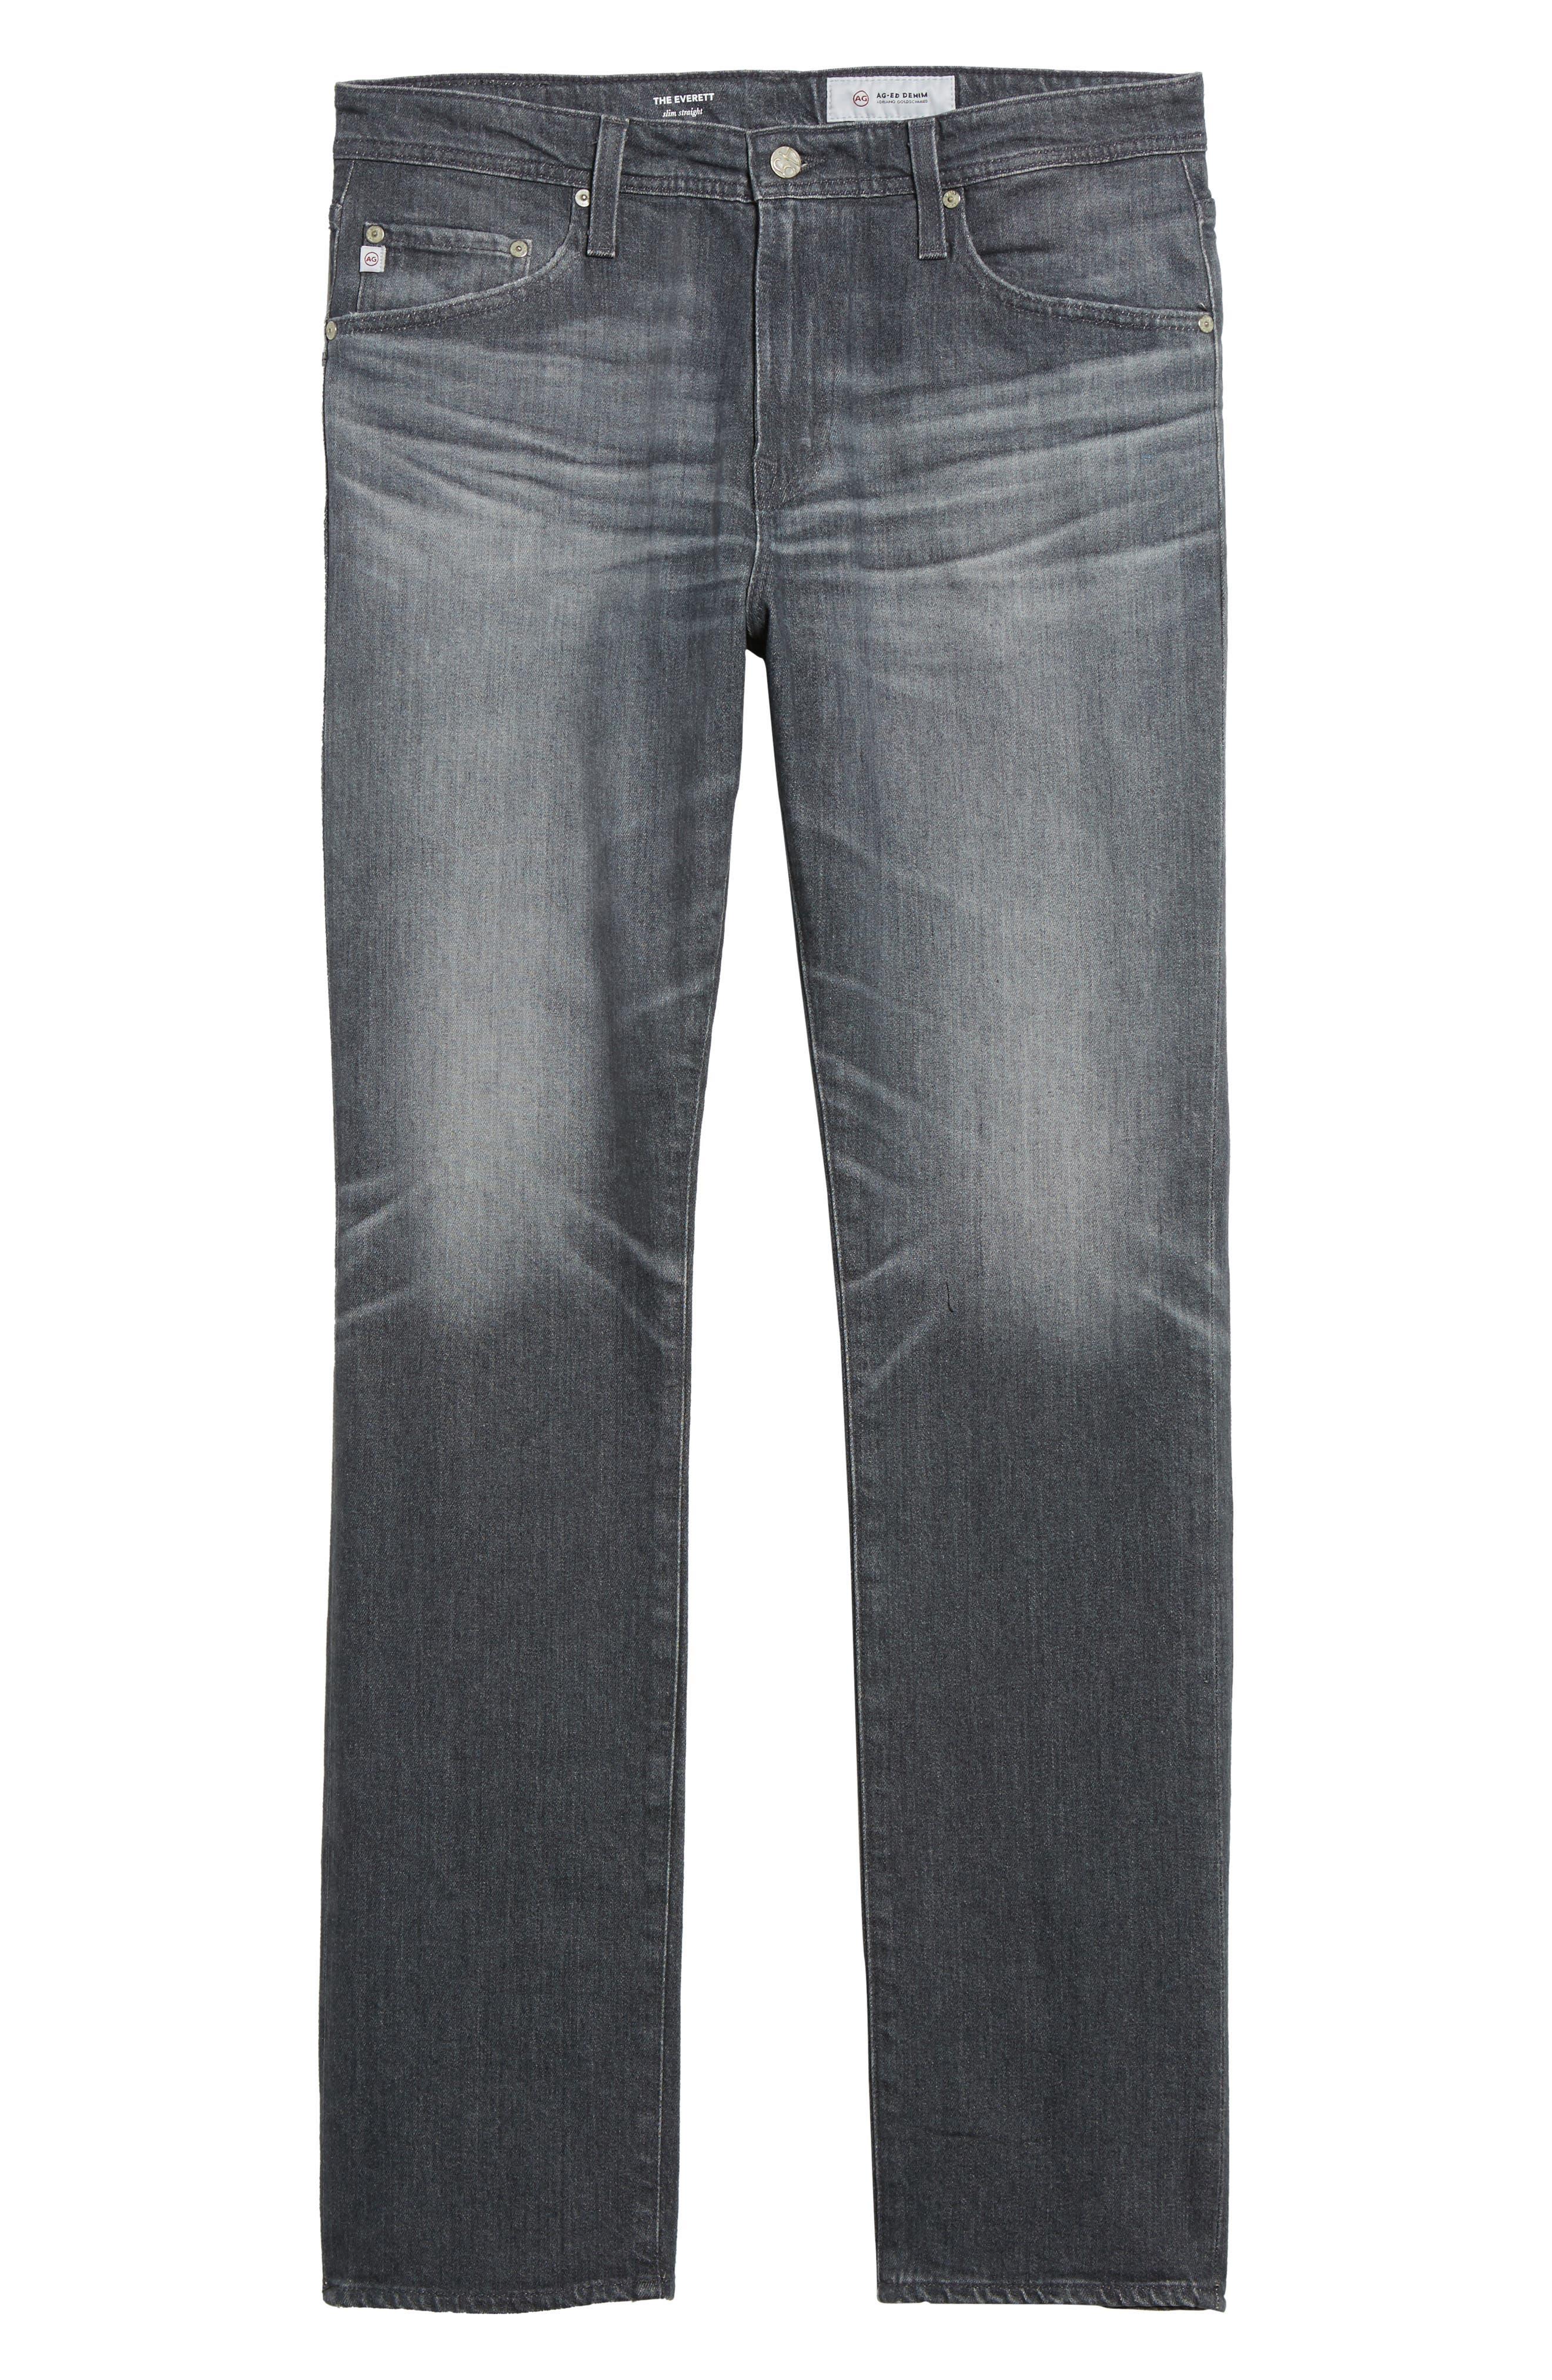 Everett Slim Straight Leg Jeans,                             Alternate thumbnail 6, color,                             023